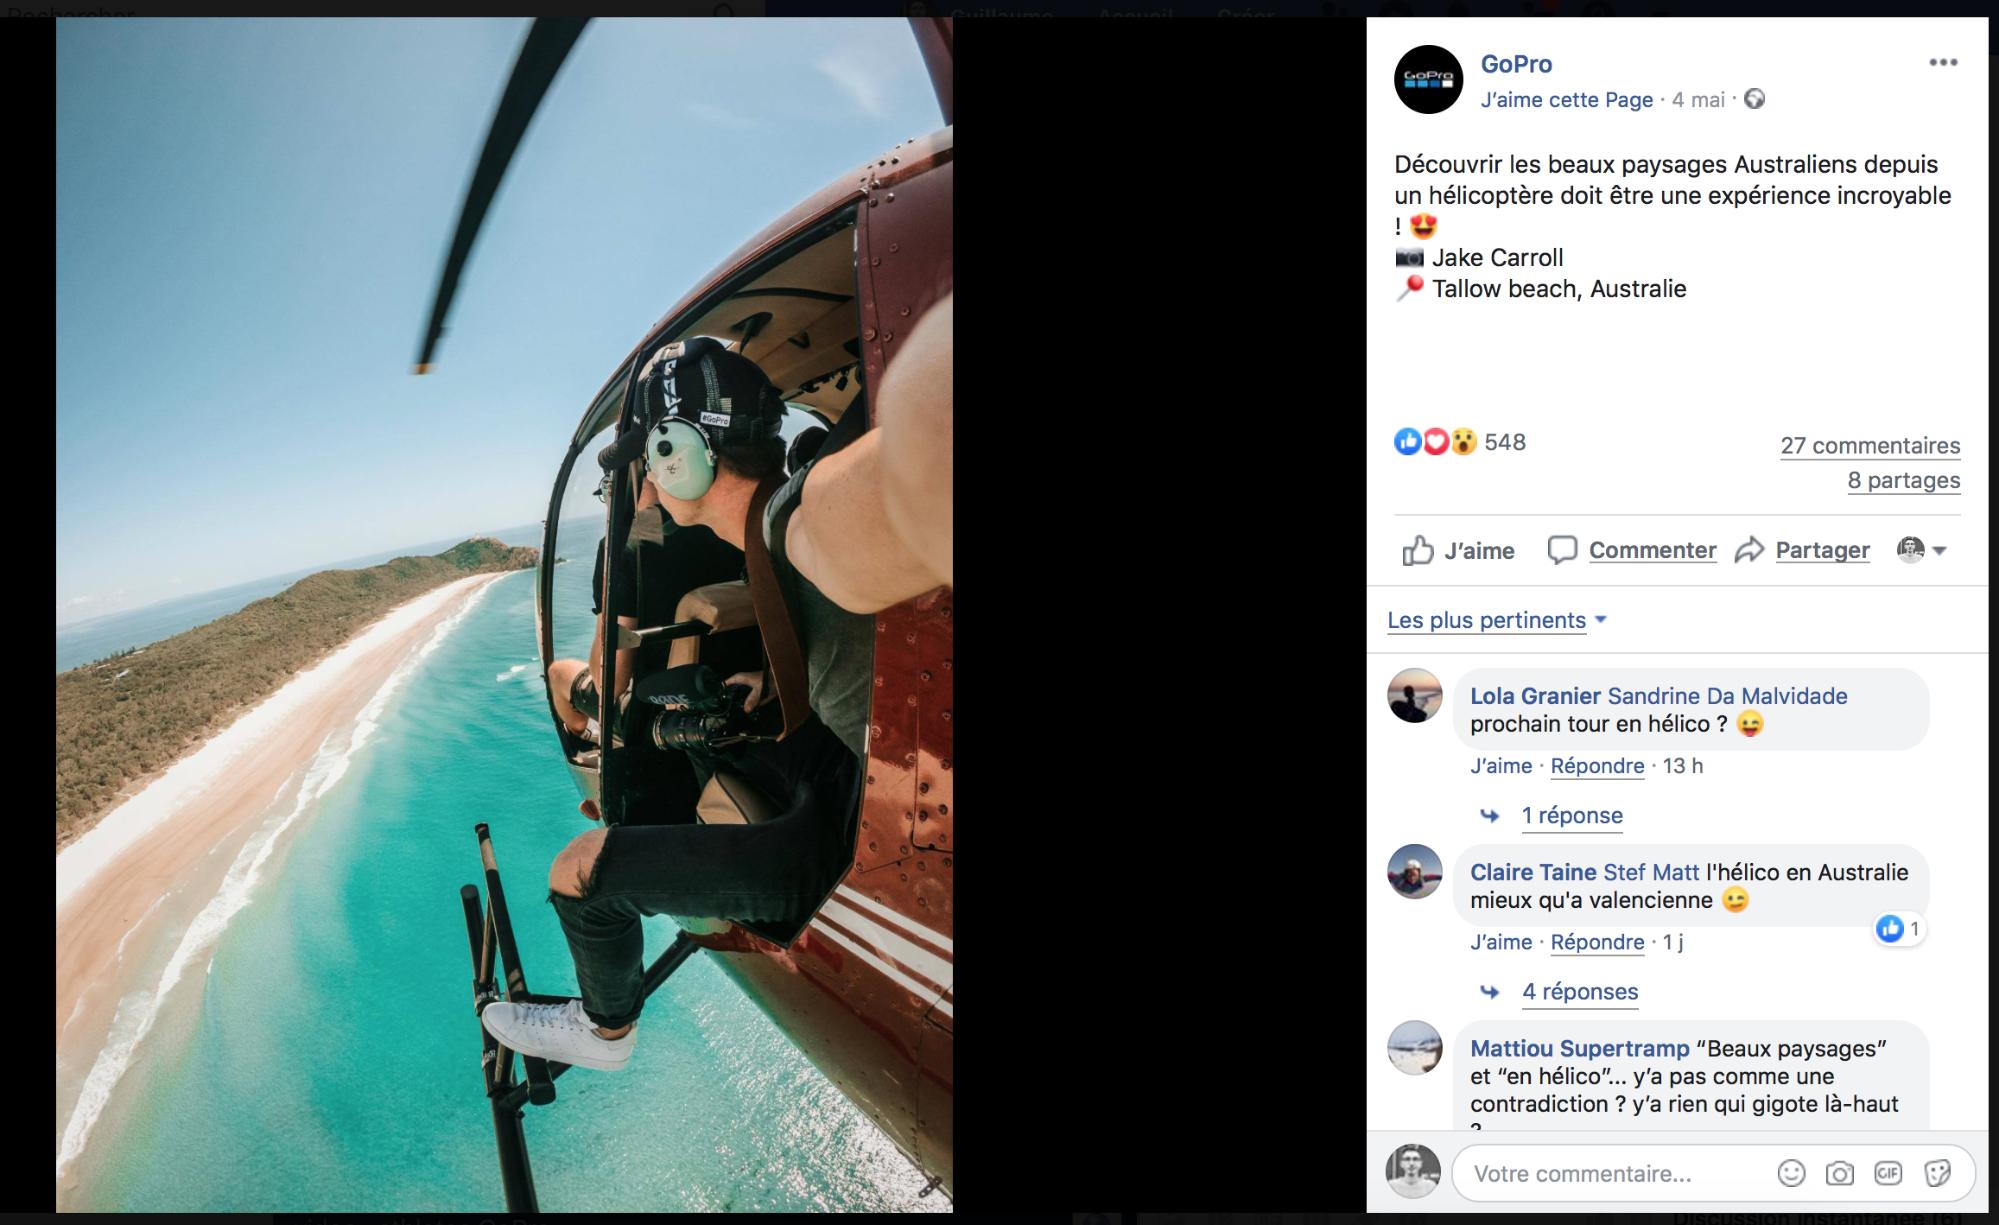 GoPro-social-media